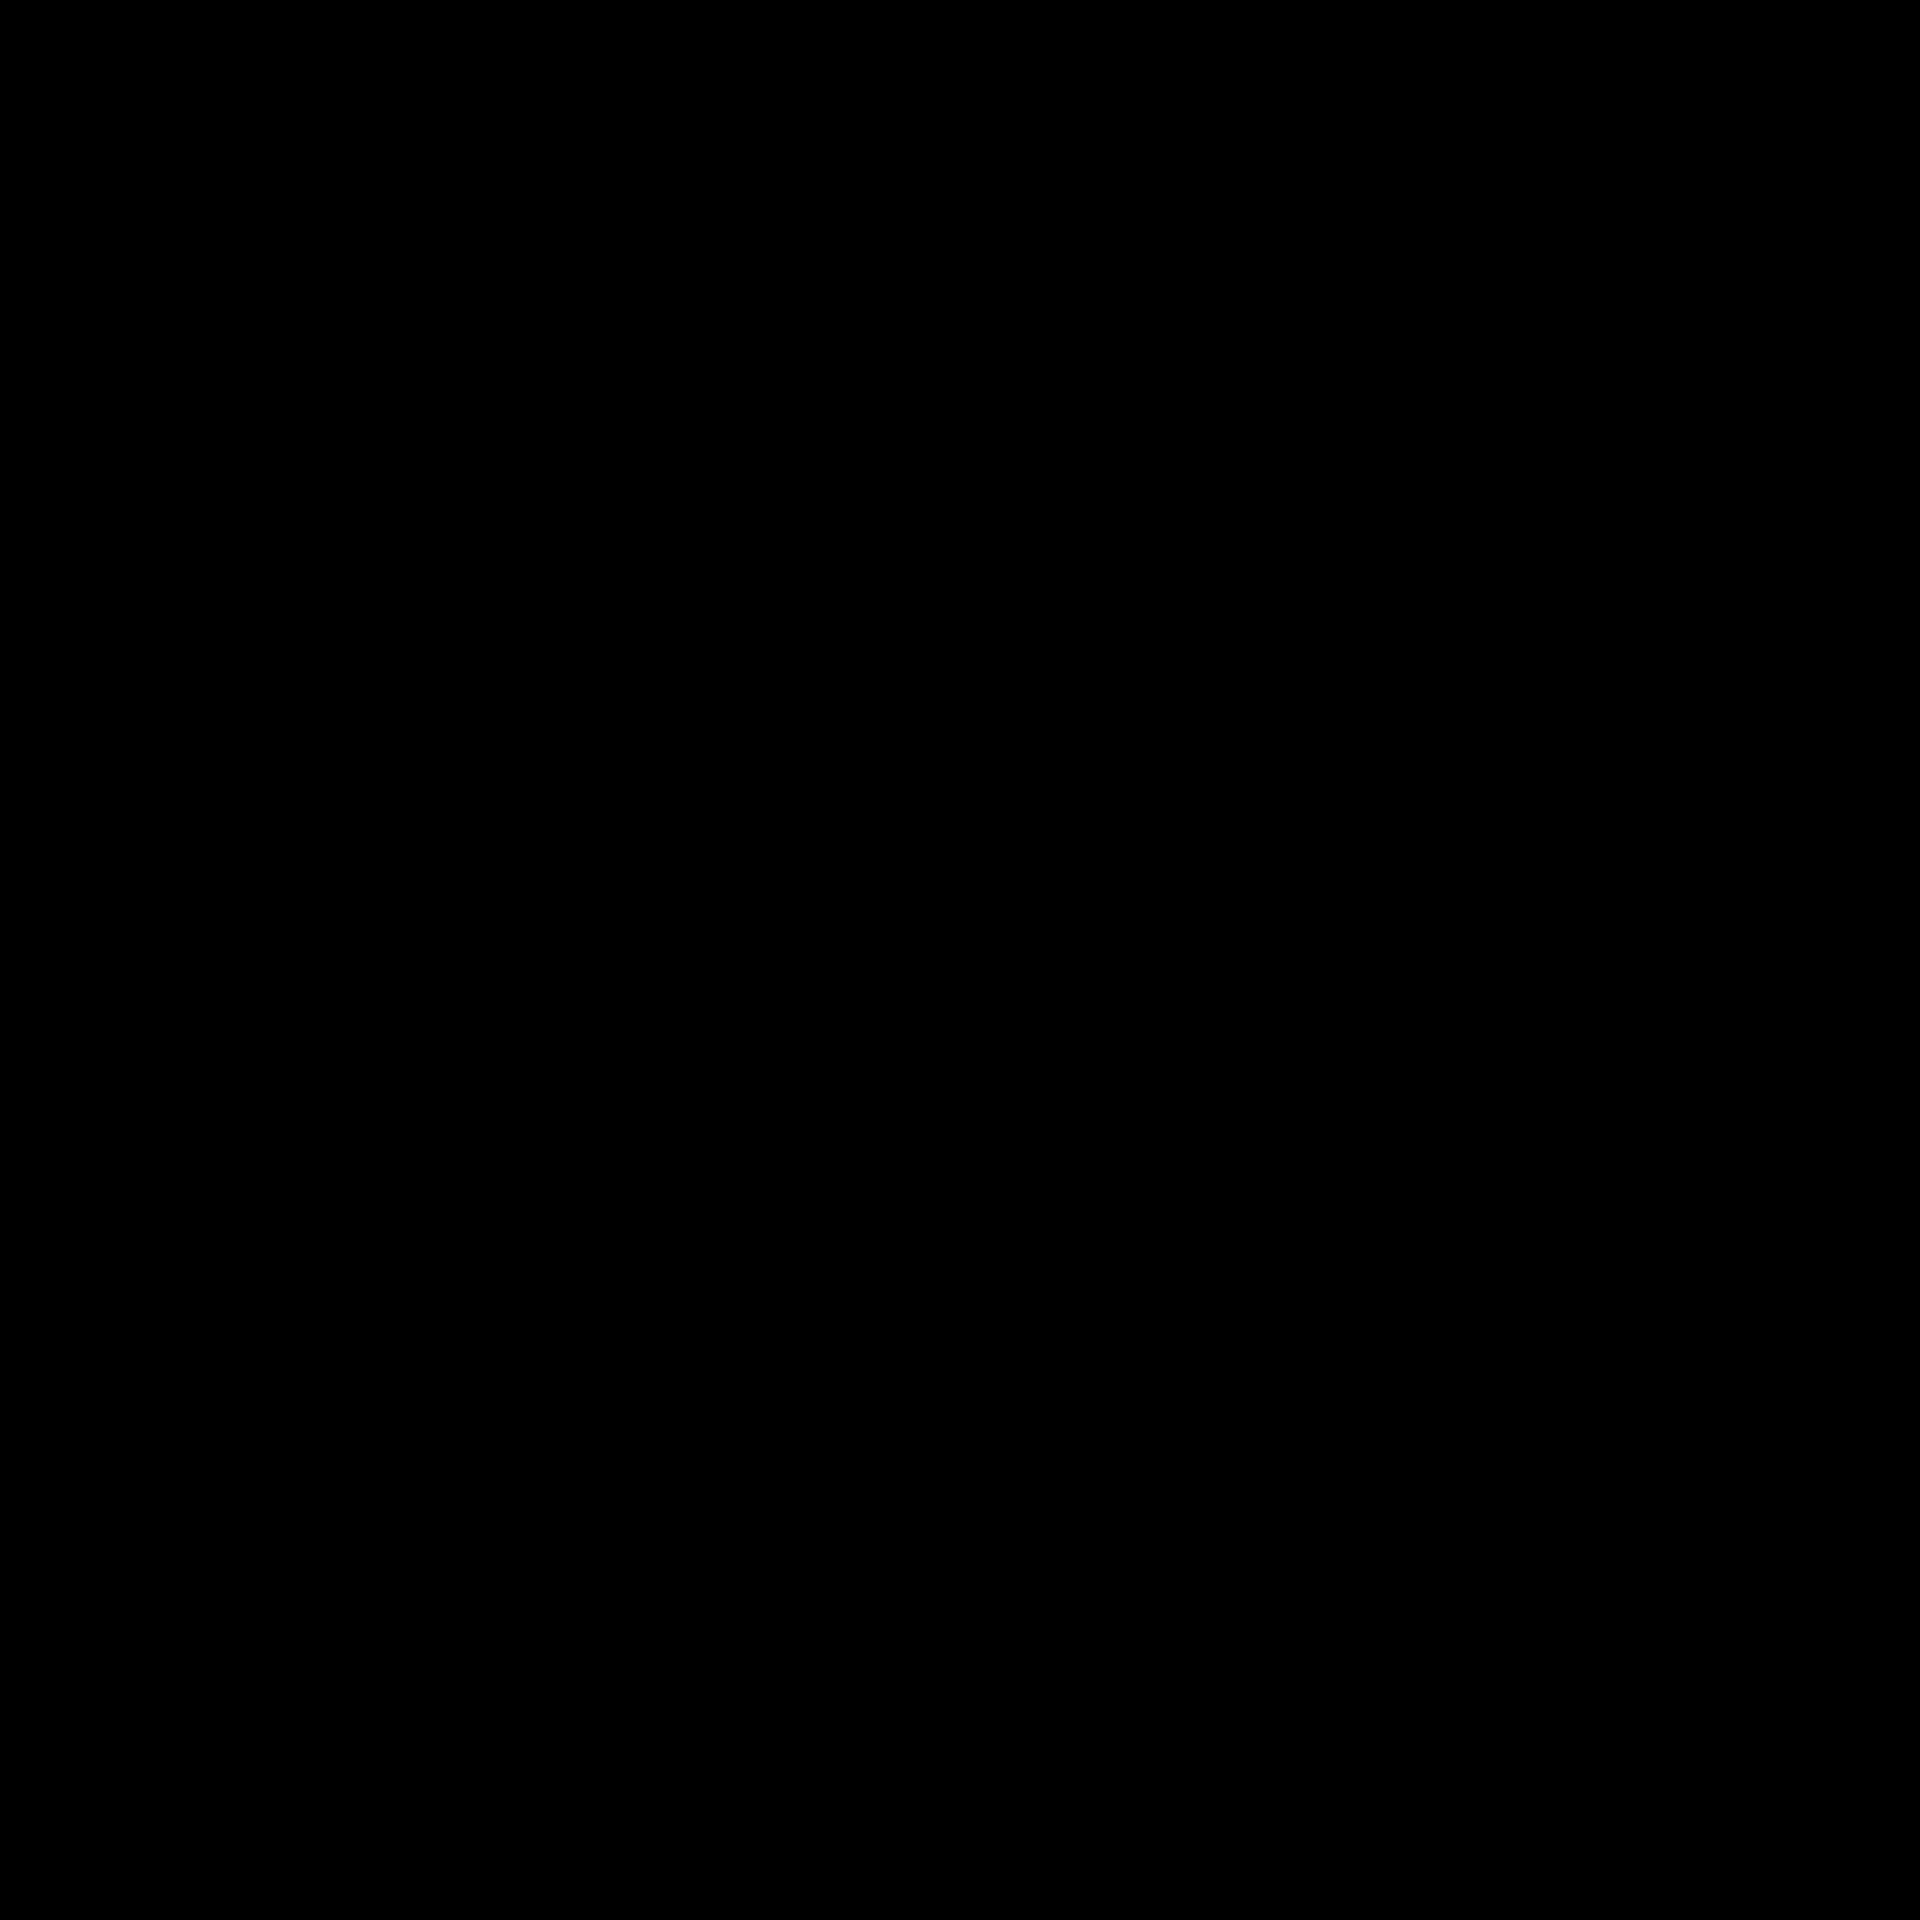 sunnyiloehmann.de contact